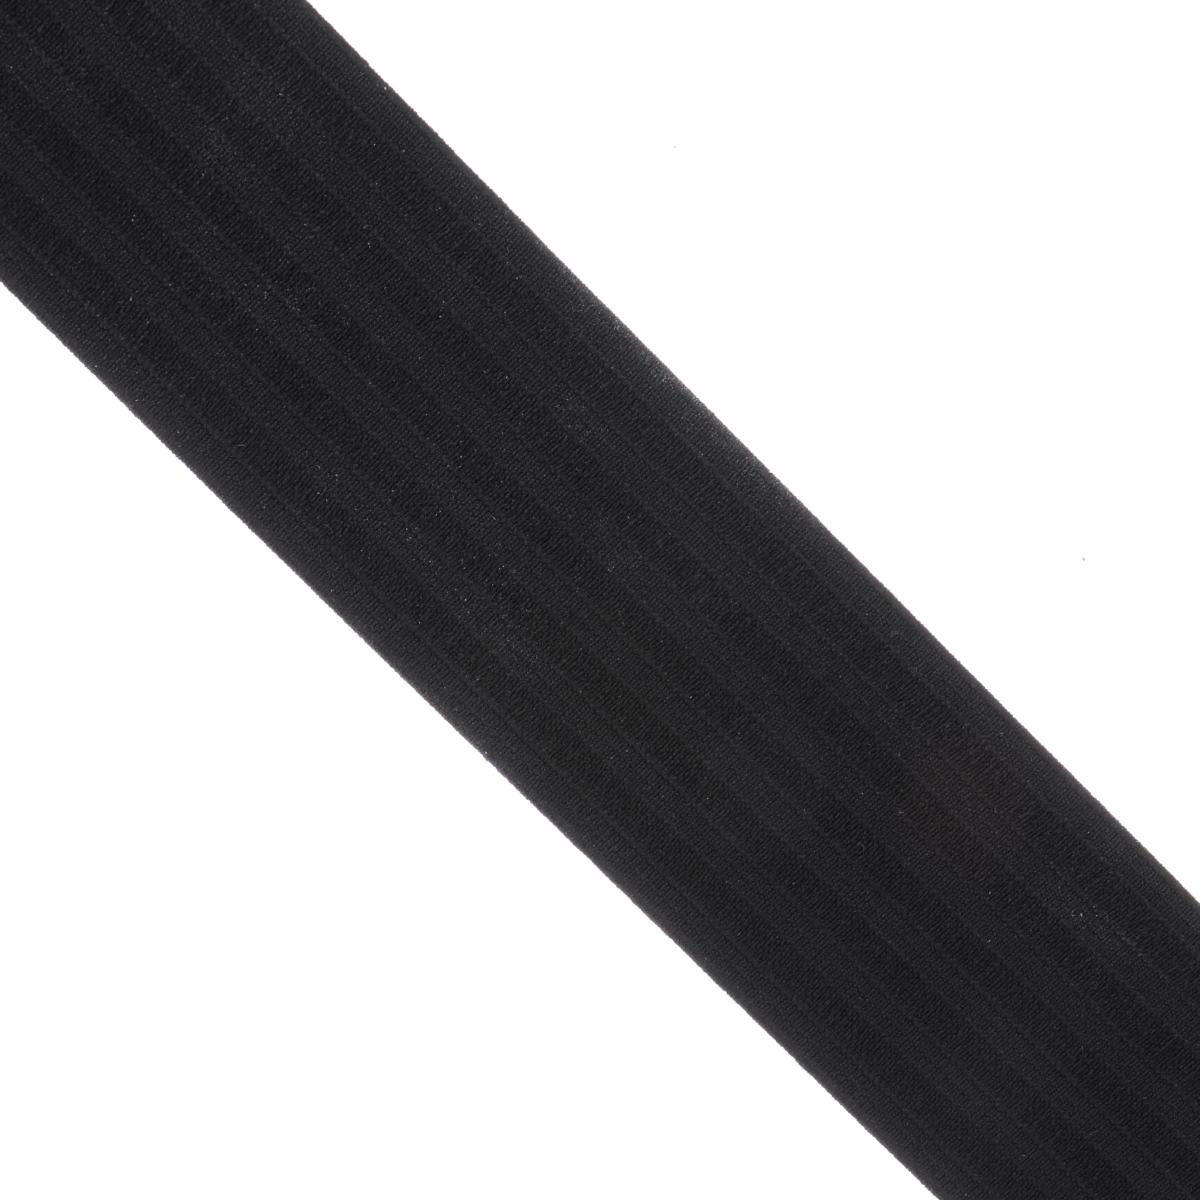 Лента эластичная Prym, для уплотнения шва, цвет: черный, ширина 2,5 см, длина 10 м4610009210322Эластичная лента Prym предназначена для уплотнения шва. Выполнена из полиэстера (80%) и эластомера (20%). Ткань прочная, стабильная, облегчает равномерное притачивание внутренней отделки.Длина ленты: 10 м.Ширина ленты: 2,5 см.